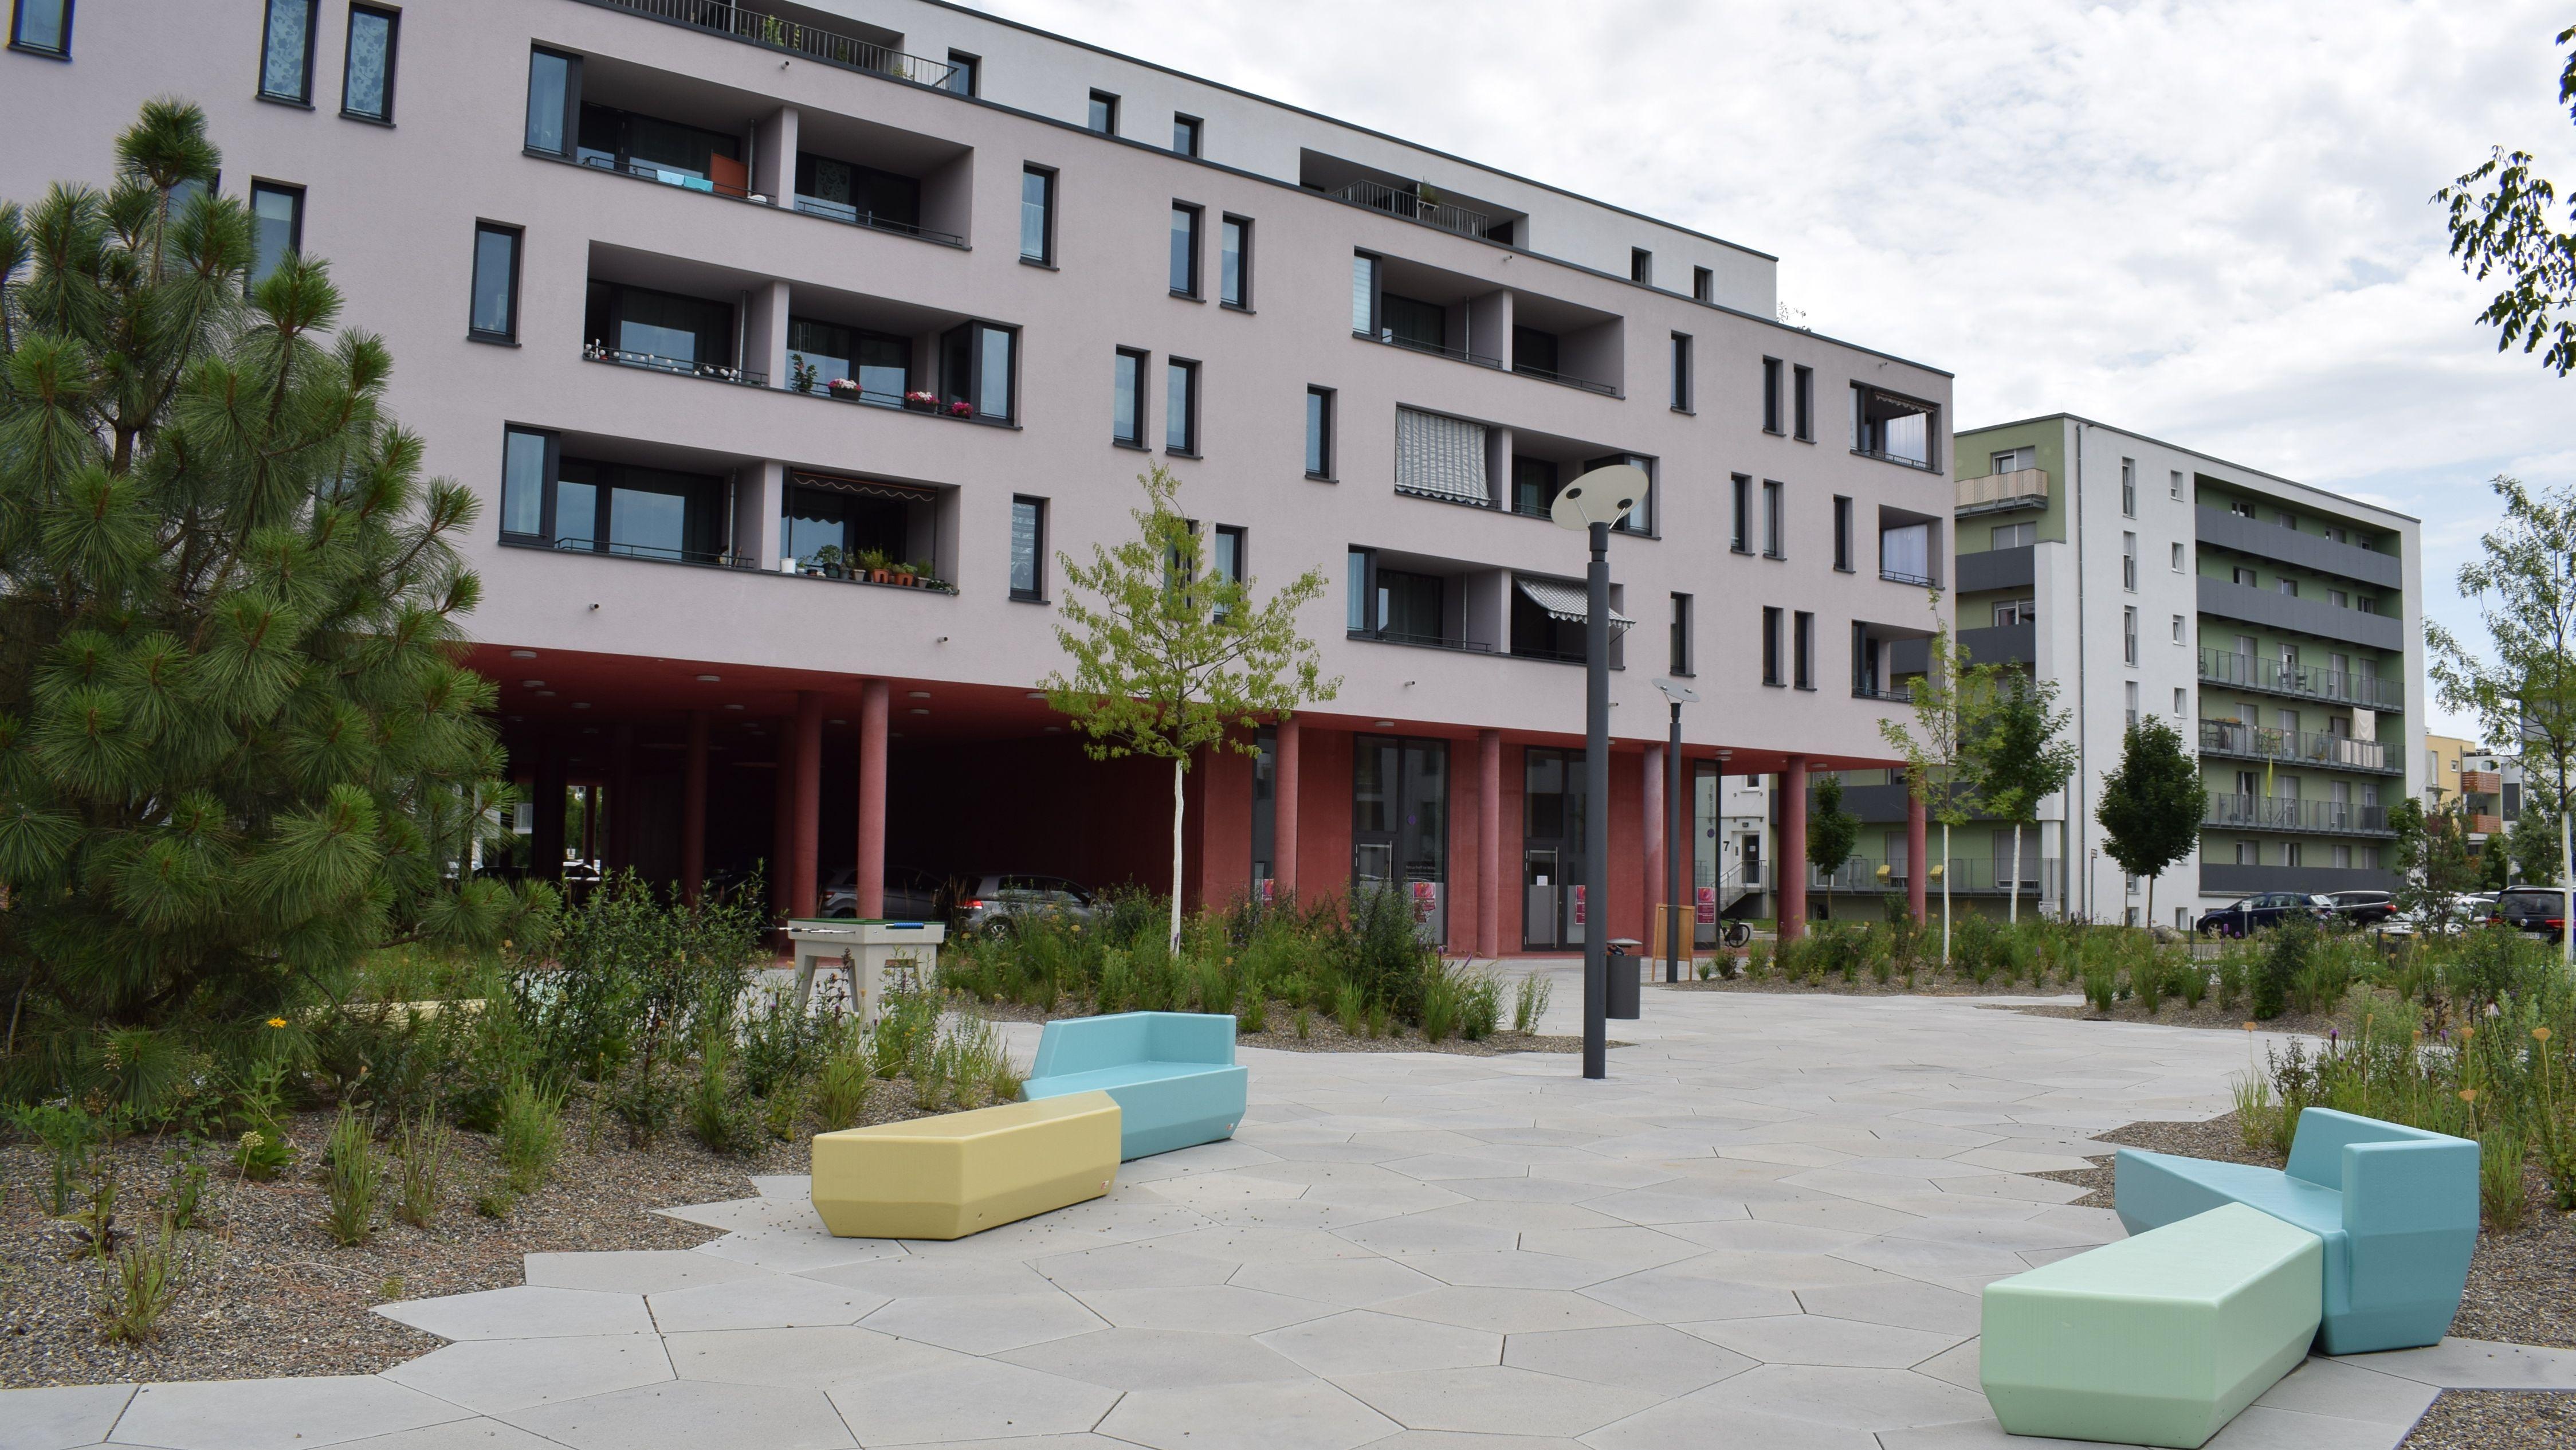 Stadtteilplatz in Wiley-Süd in Neu-Ulm